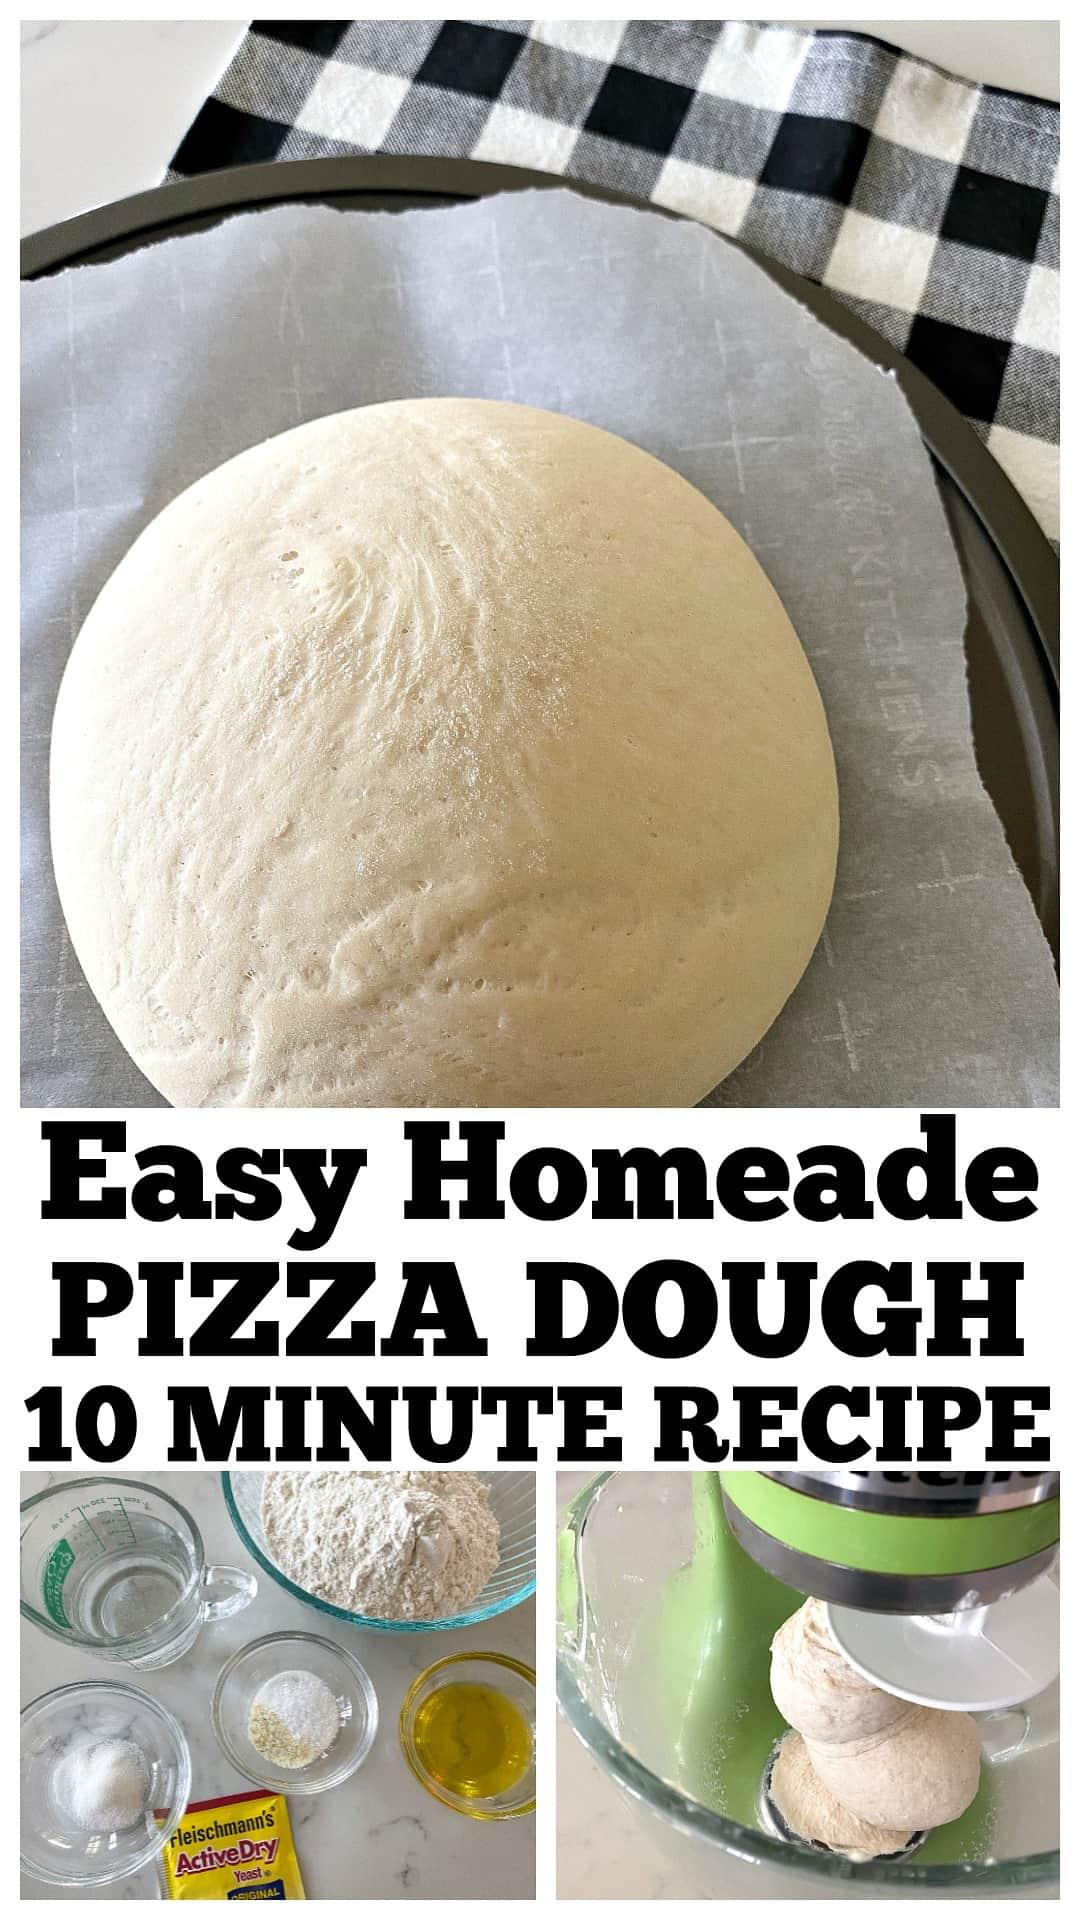 photo collage of pizza dough recipe